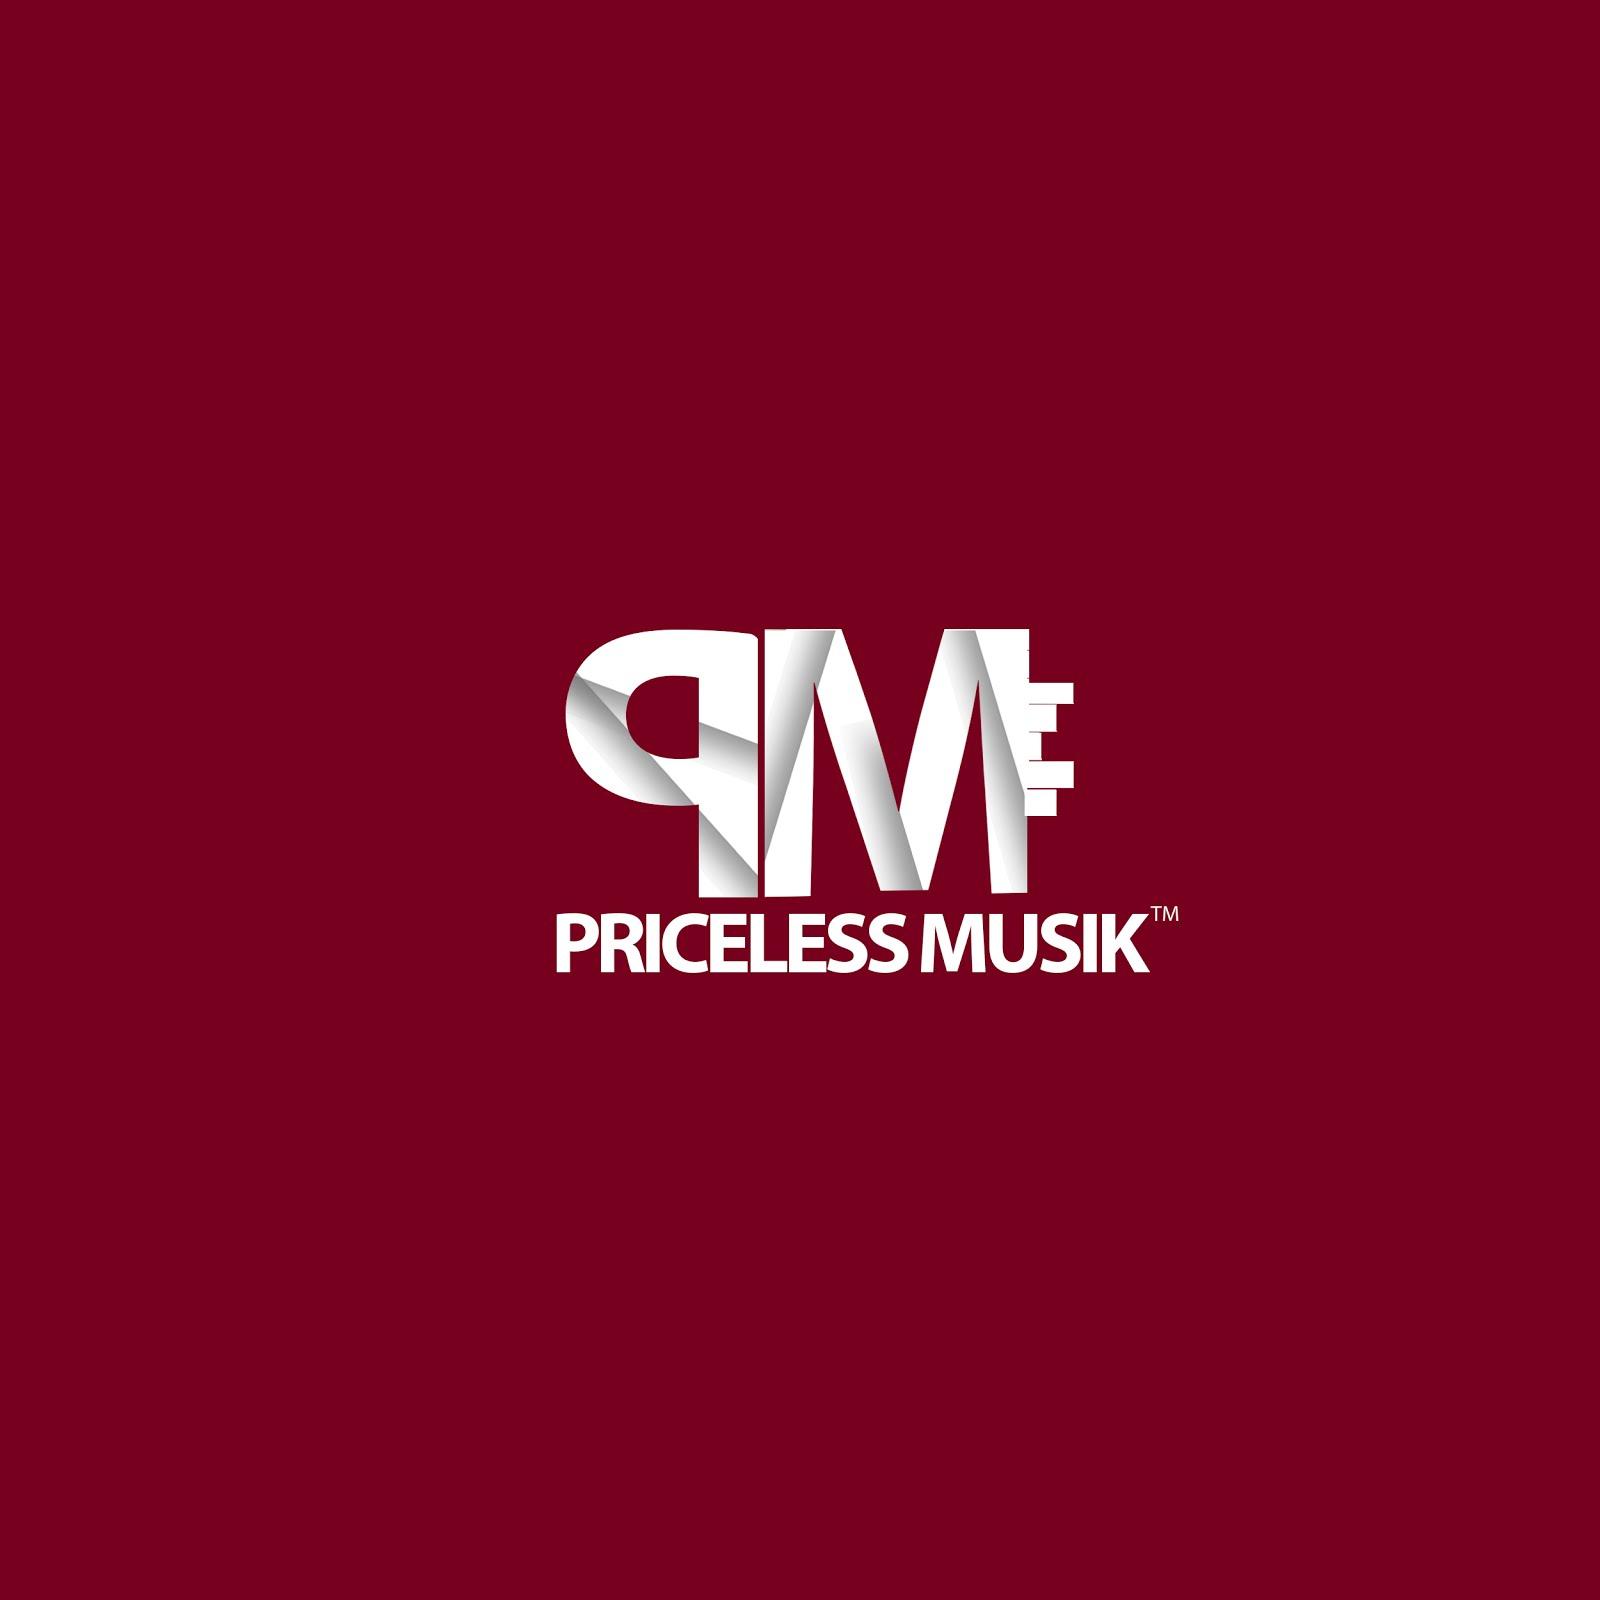 Priceless Musik